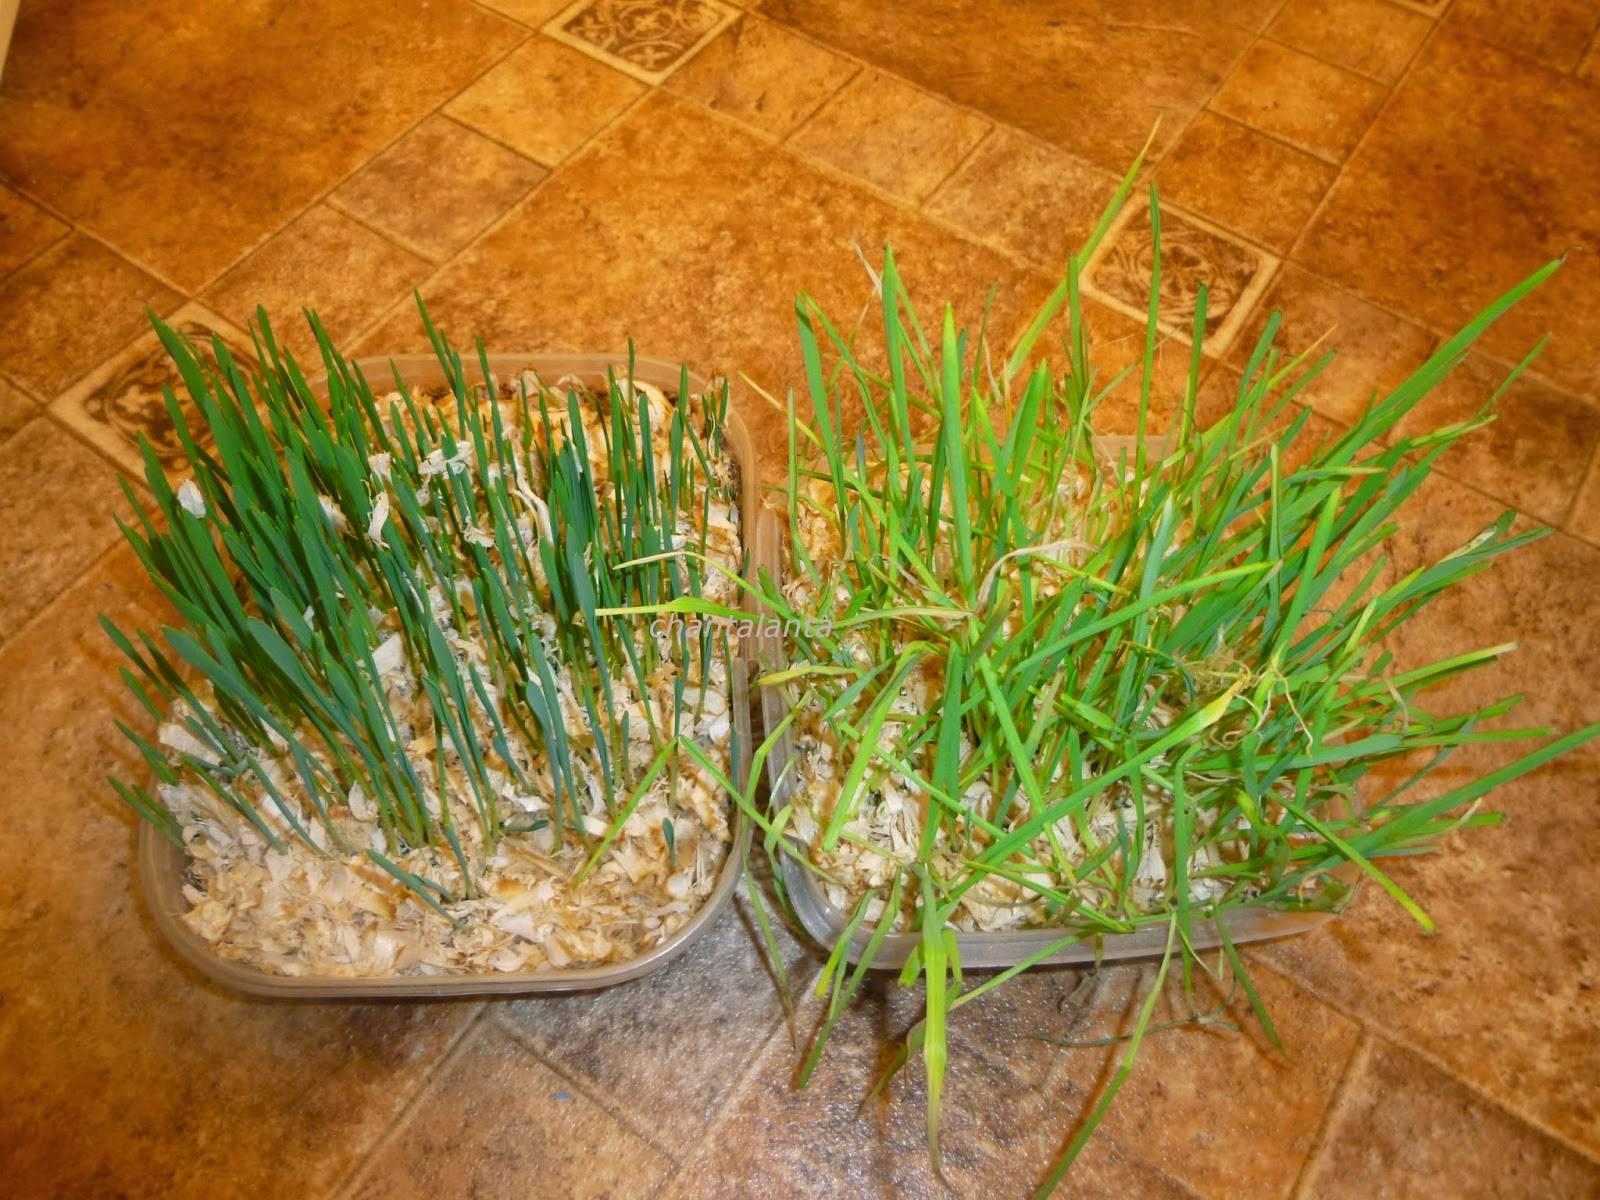 Трава для кошек: нужно ли кошке есть траву и с какого возраста начать давать?